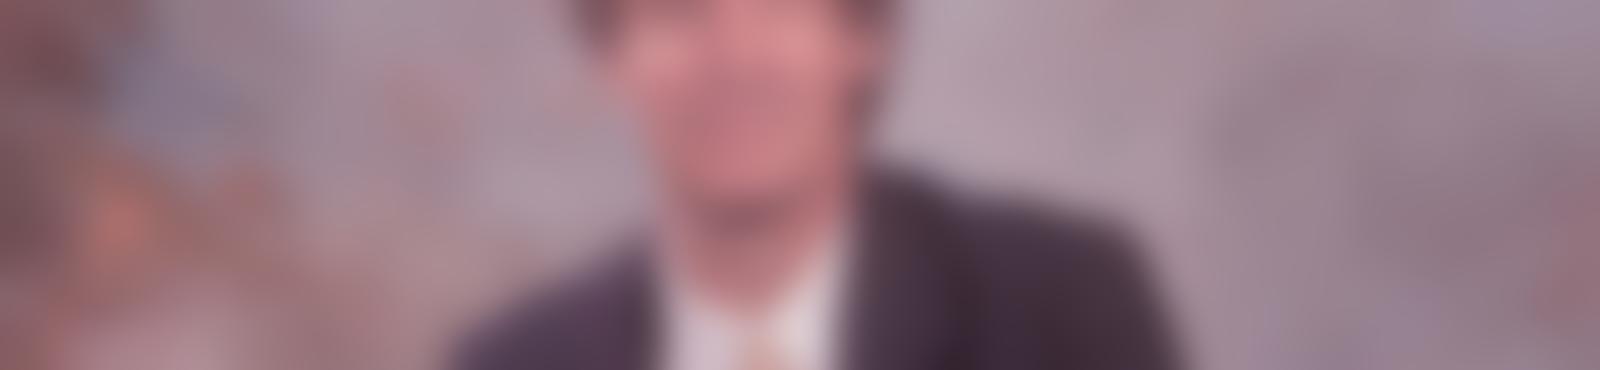 Blurred d87612aa e2c8 421c 9a79 b9873bd5c417